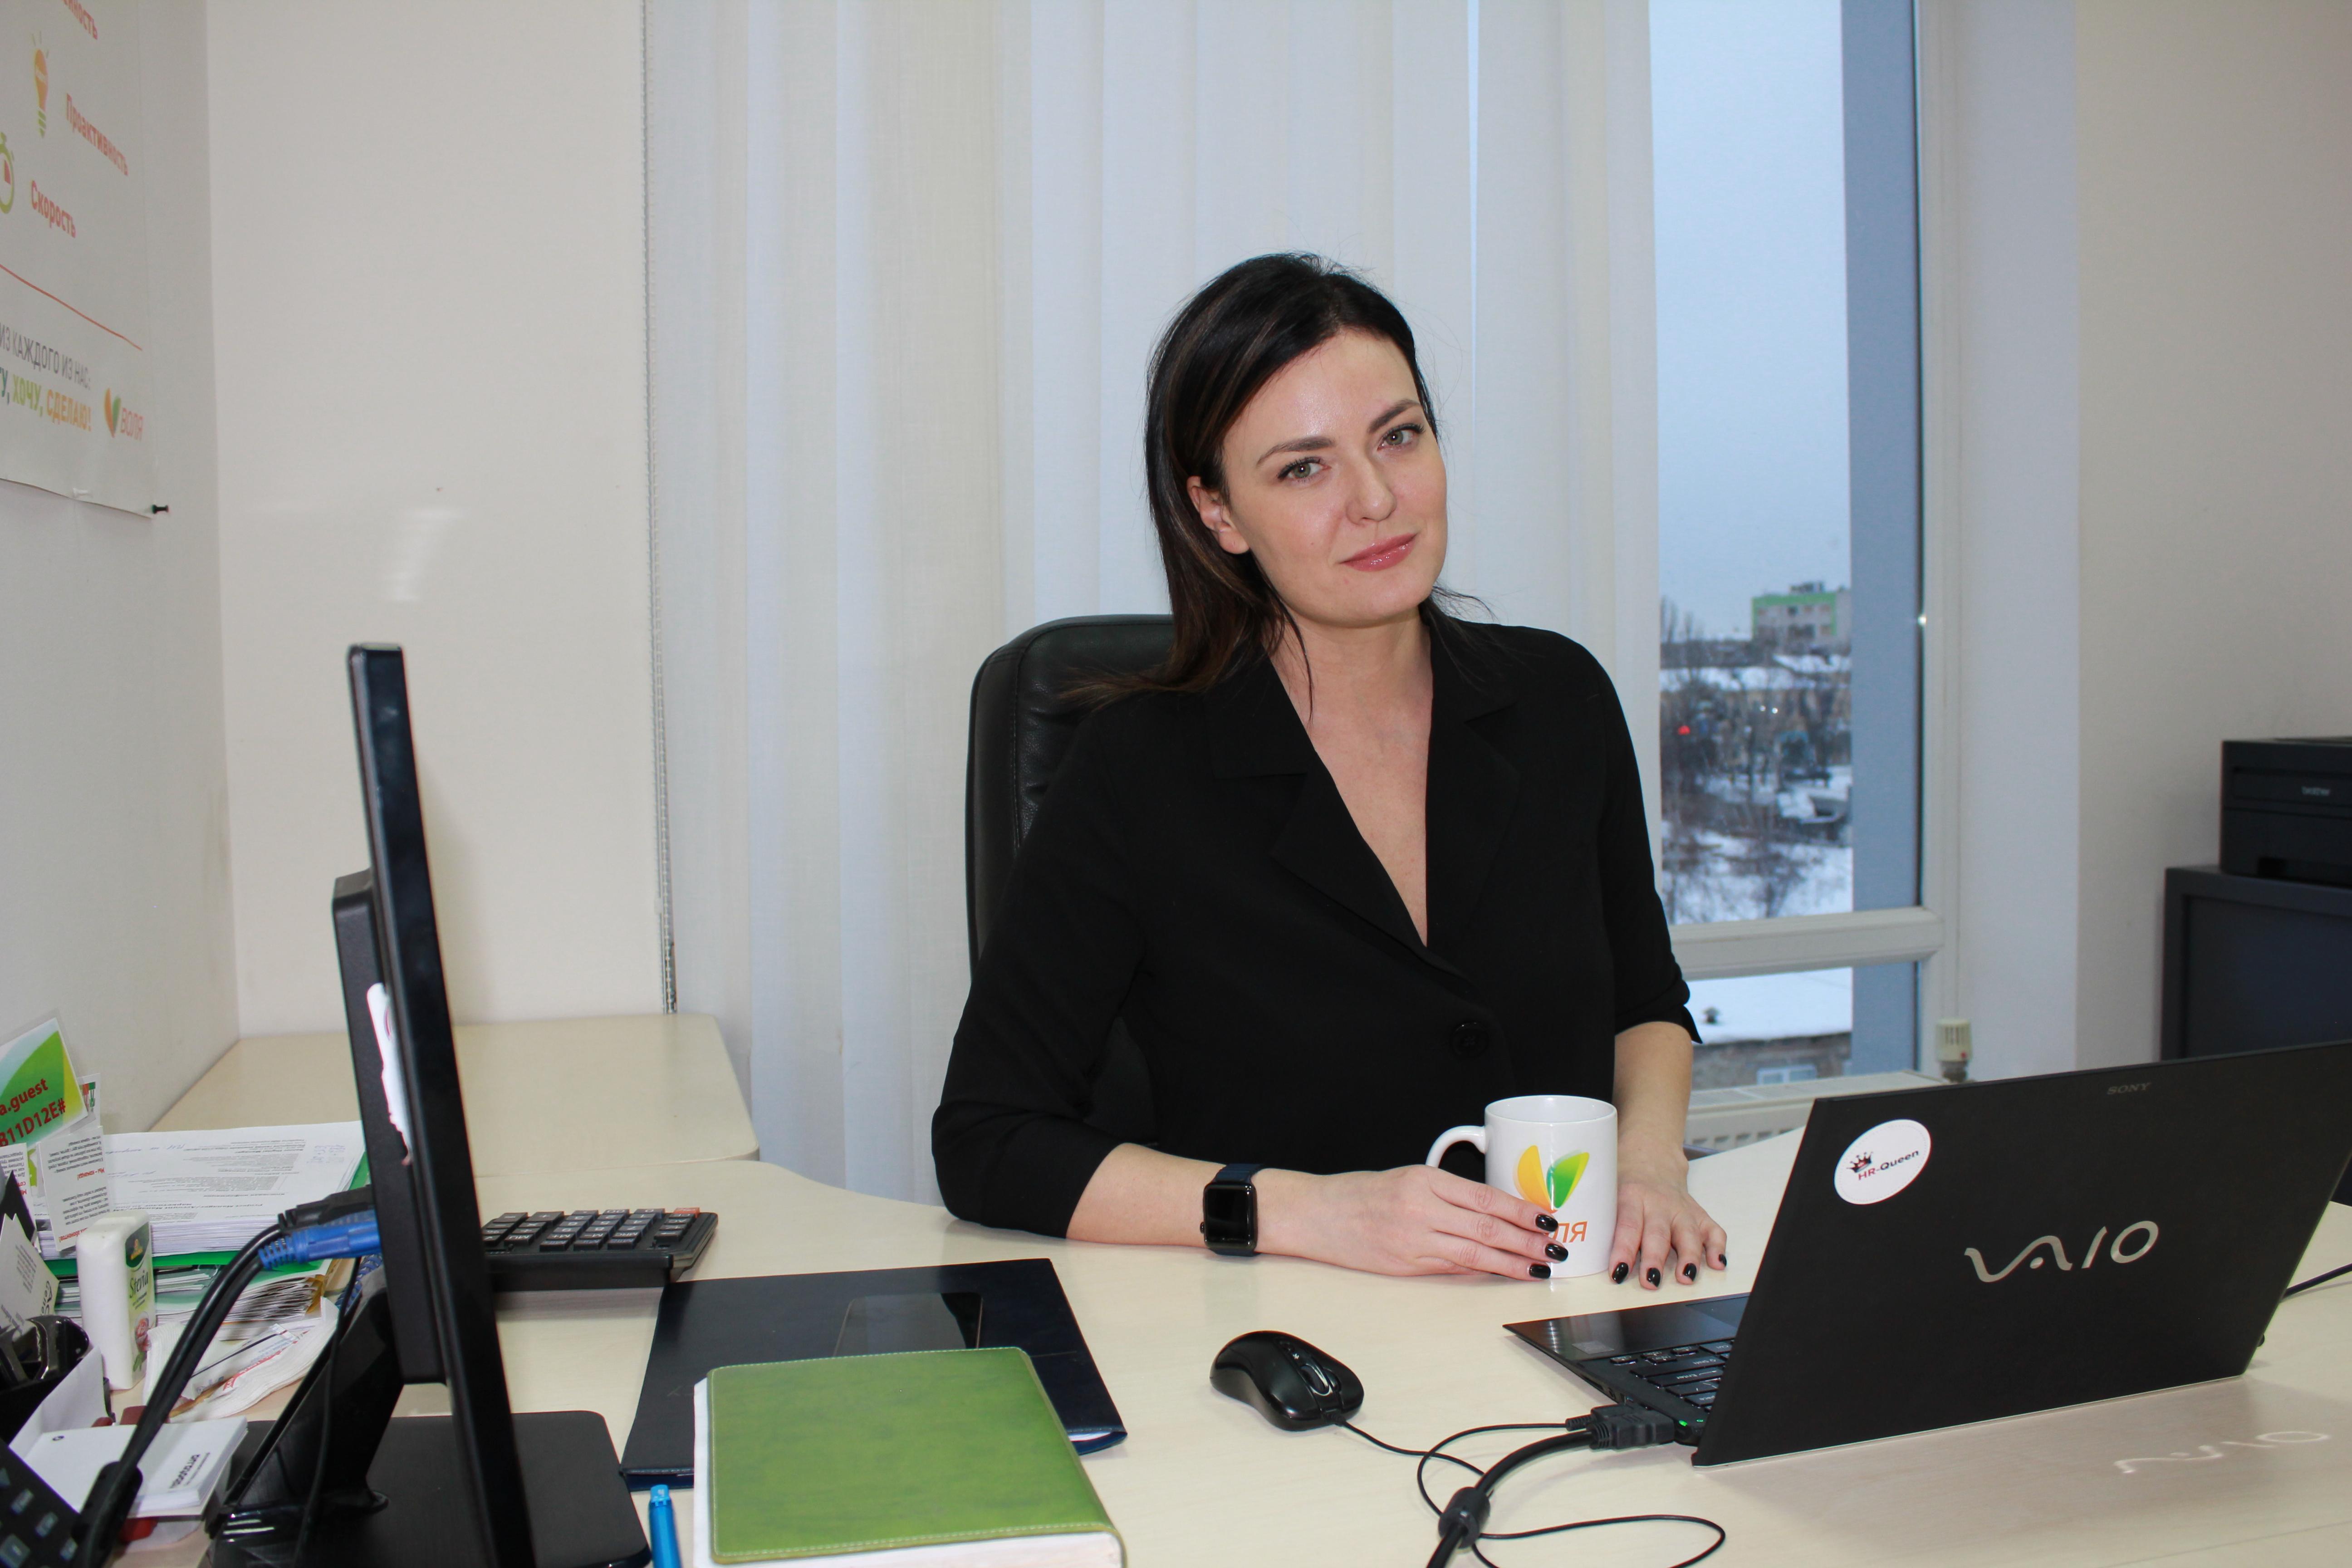 СИЛА «ВОЛИ»: Анна Басюк, директор по персоналу компании «Воля», о внутреннем «пуле талантов» и о сериале, где снимаются сотрудники